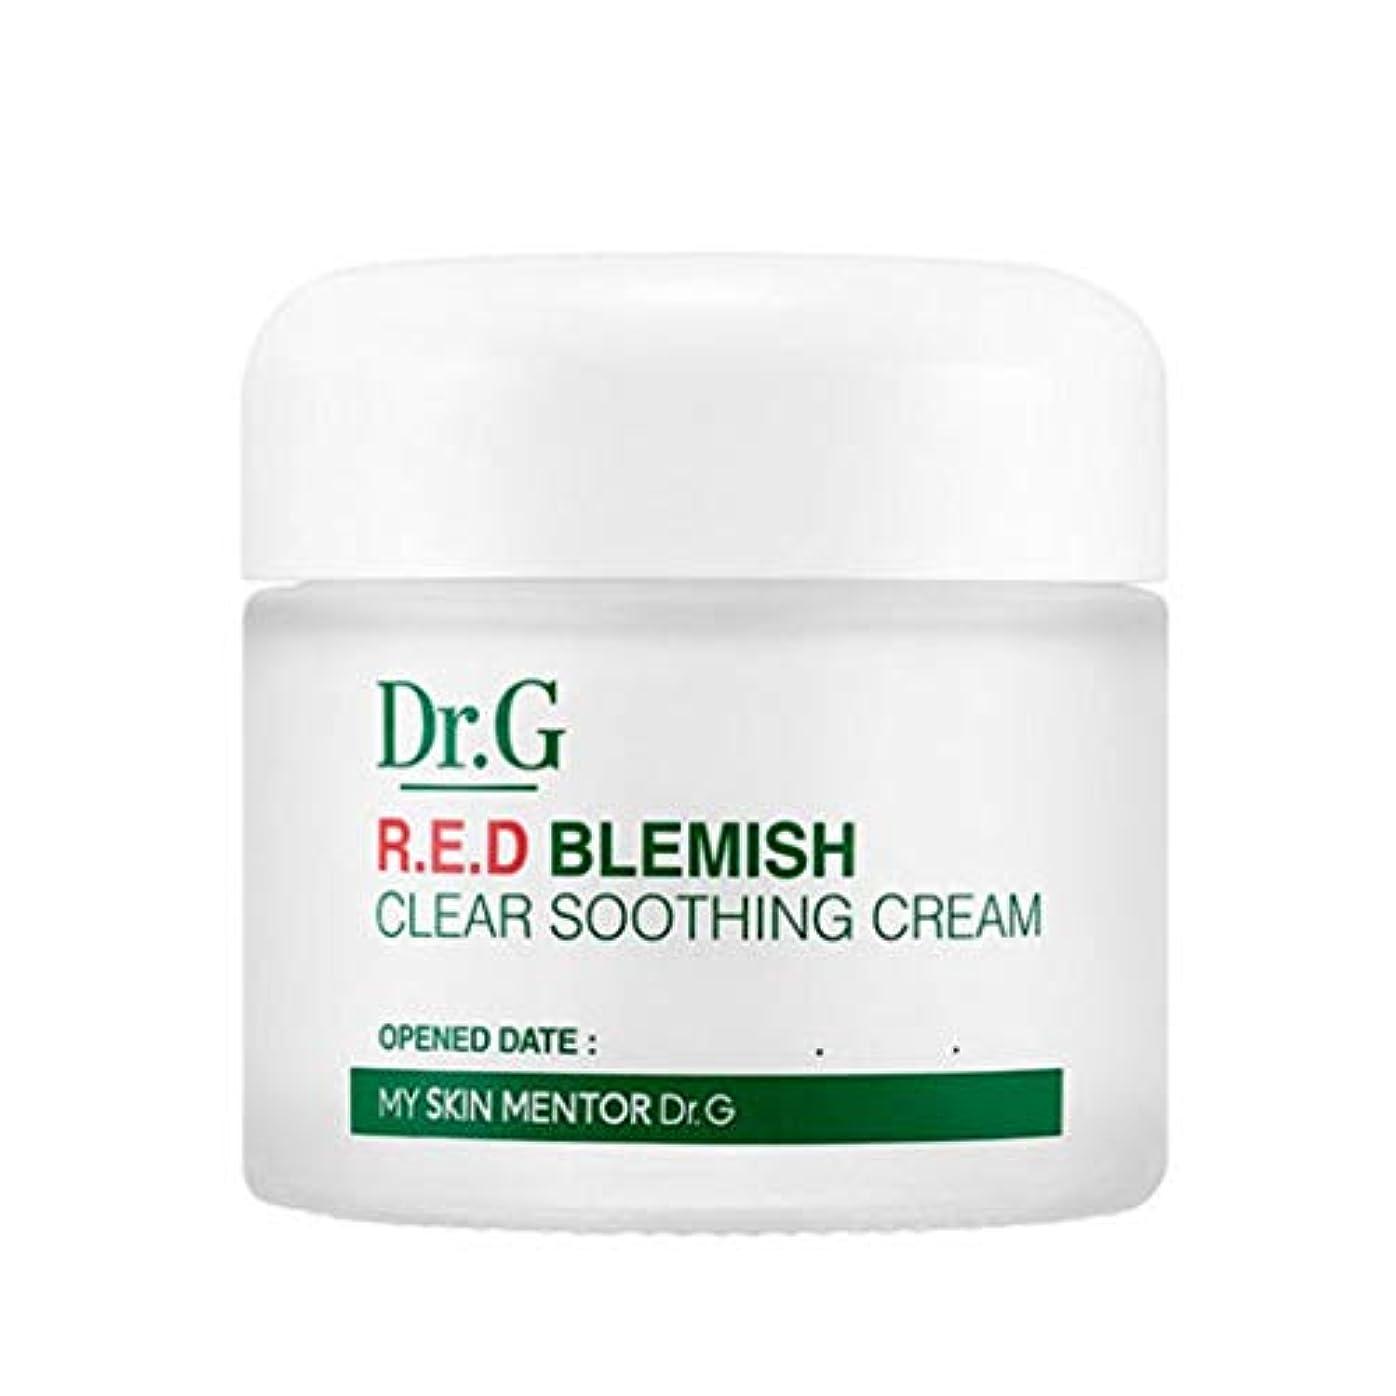 徴収研究所贈り物ドクターGレッドブレミッシュクリアスージングクリーム70ml水分クリーム、Dr.G Red Blemish Clear Soothing Cream 70ml Moisturizing Cream [並行輸入品]